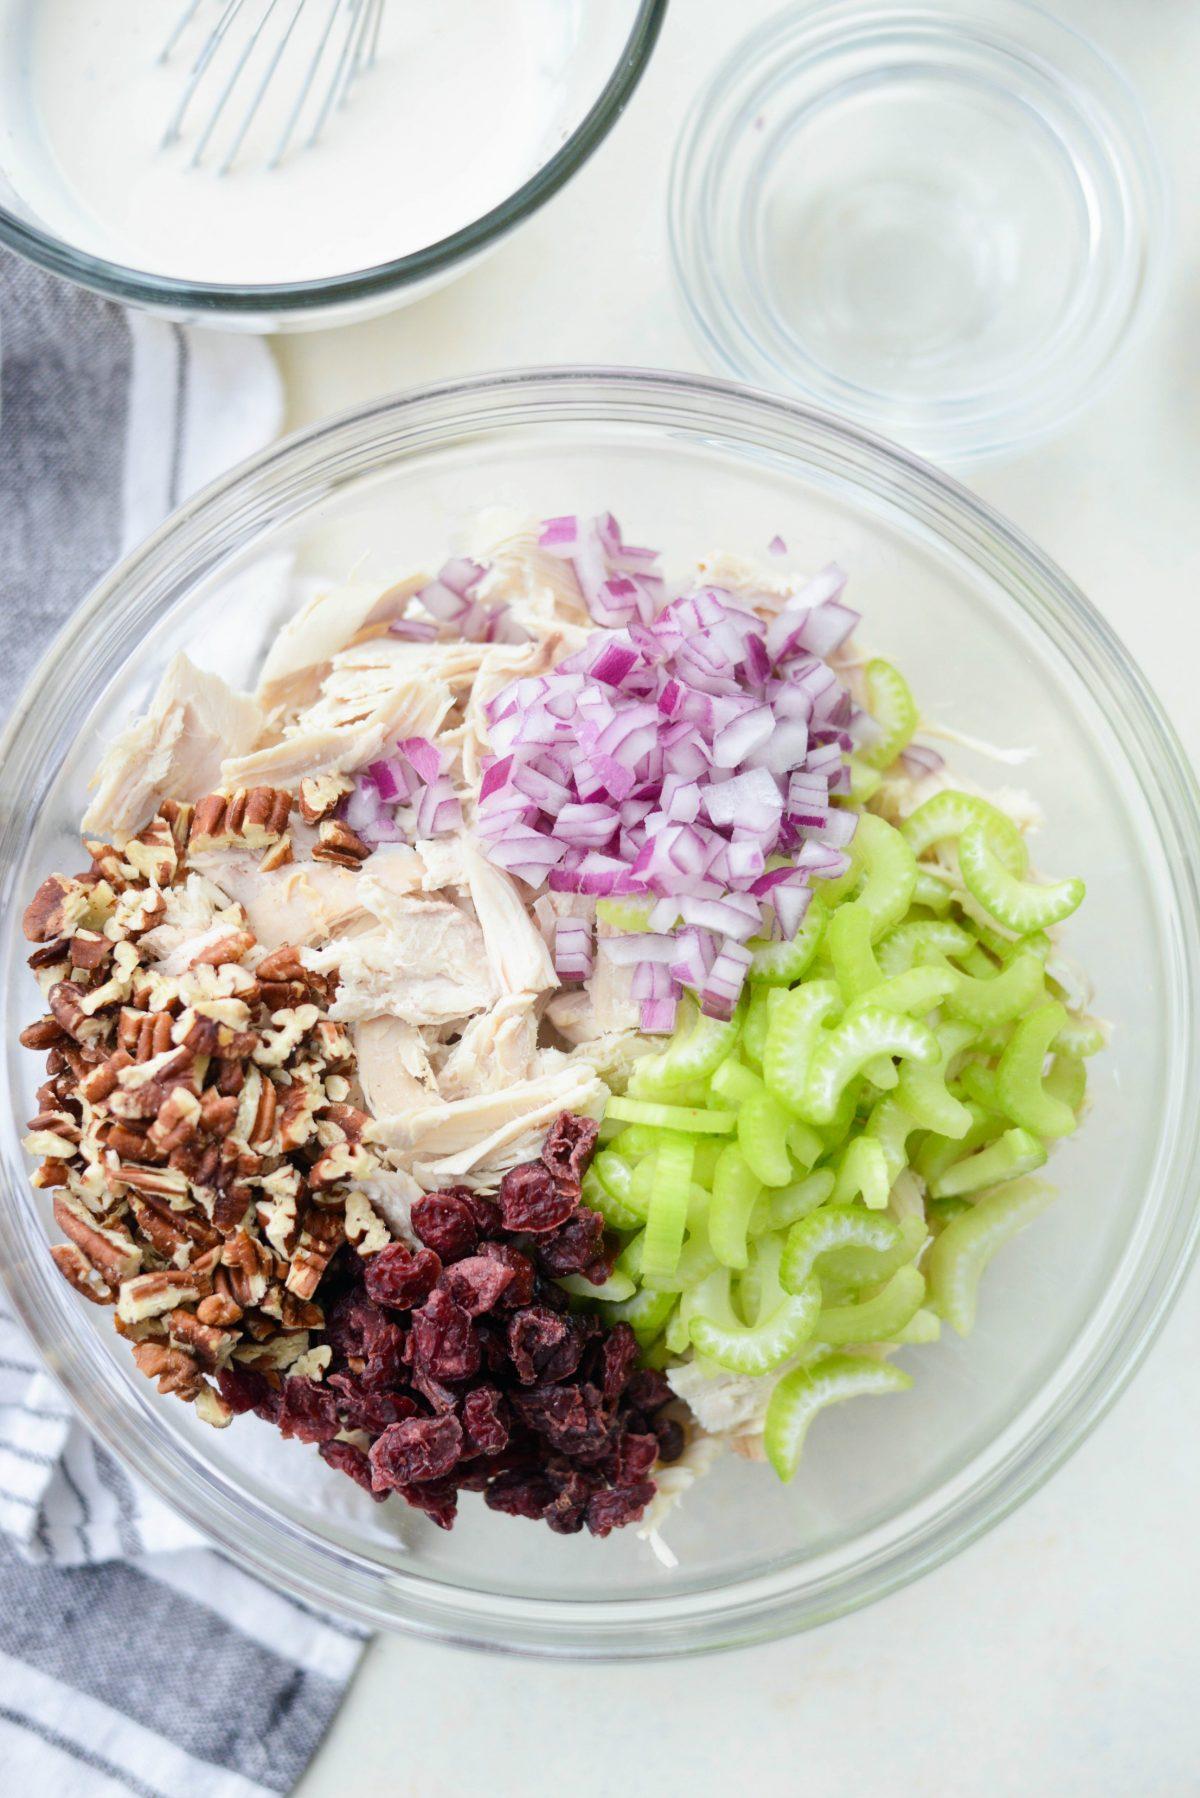 Roasted Turkey Cranberry Salad with Greek Yogurt Dressing l SimplyScratch.com